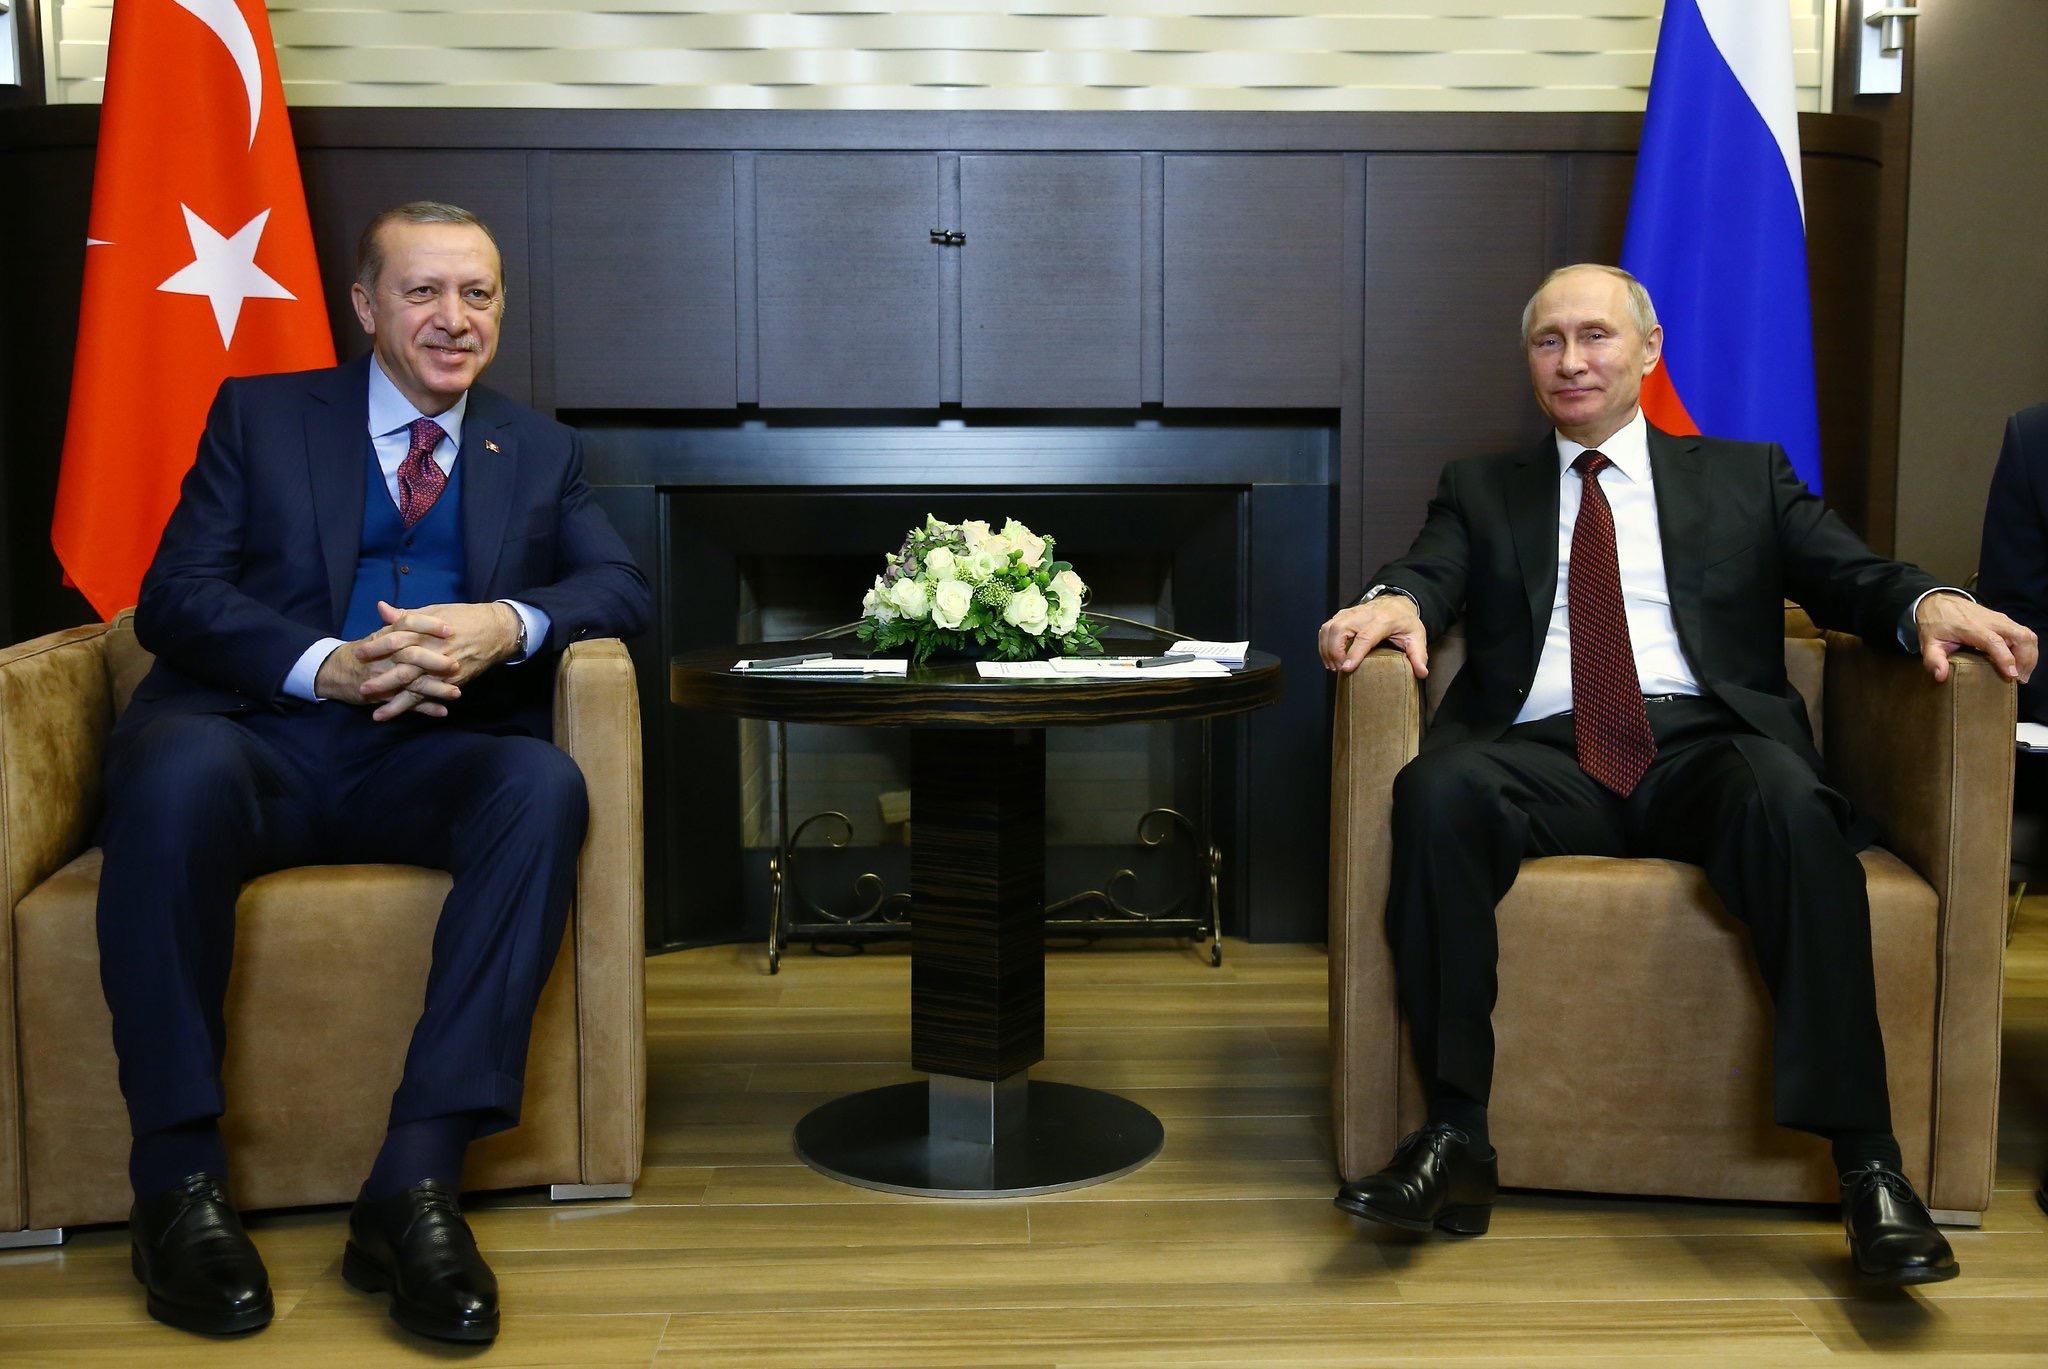 Cumhurbaşkanı Erdoğan-Putin Görüşmesi Rusya'da Başladı